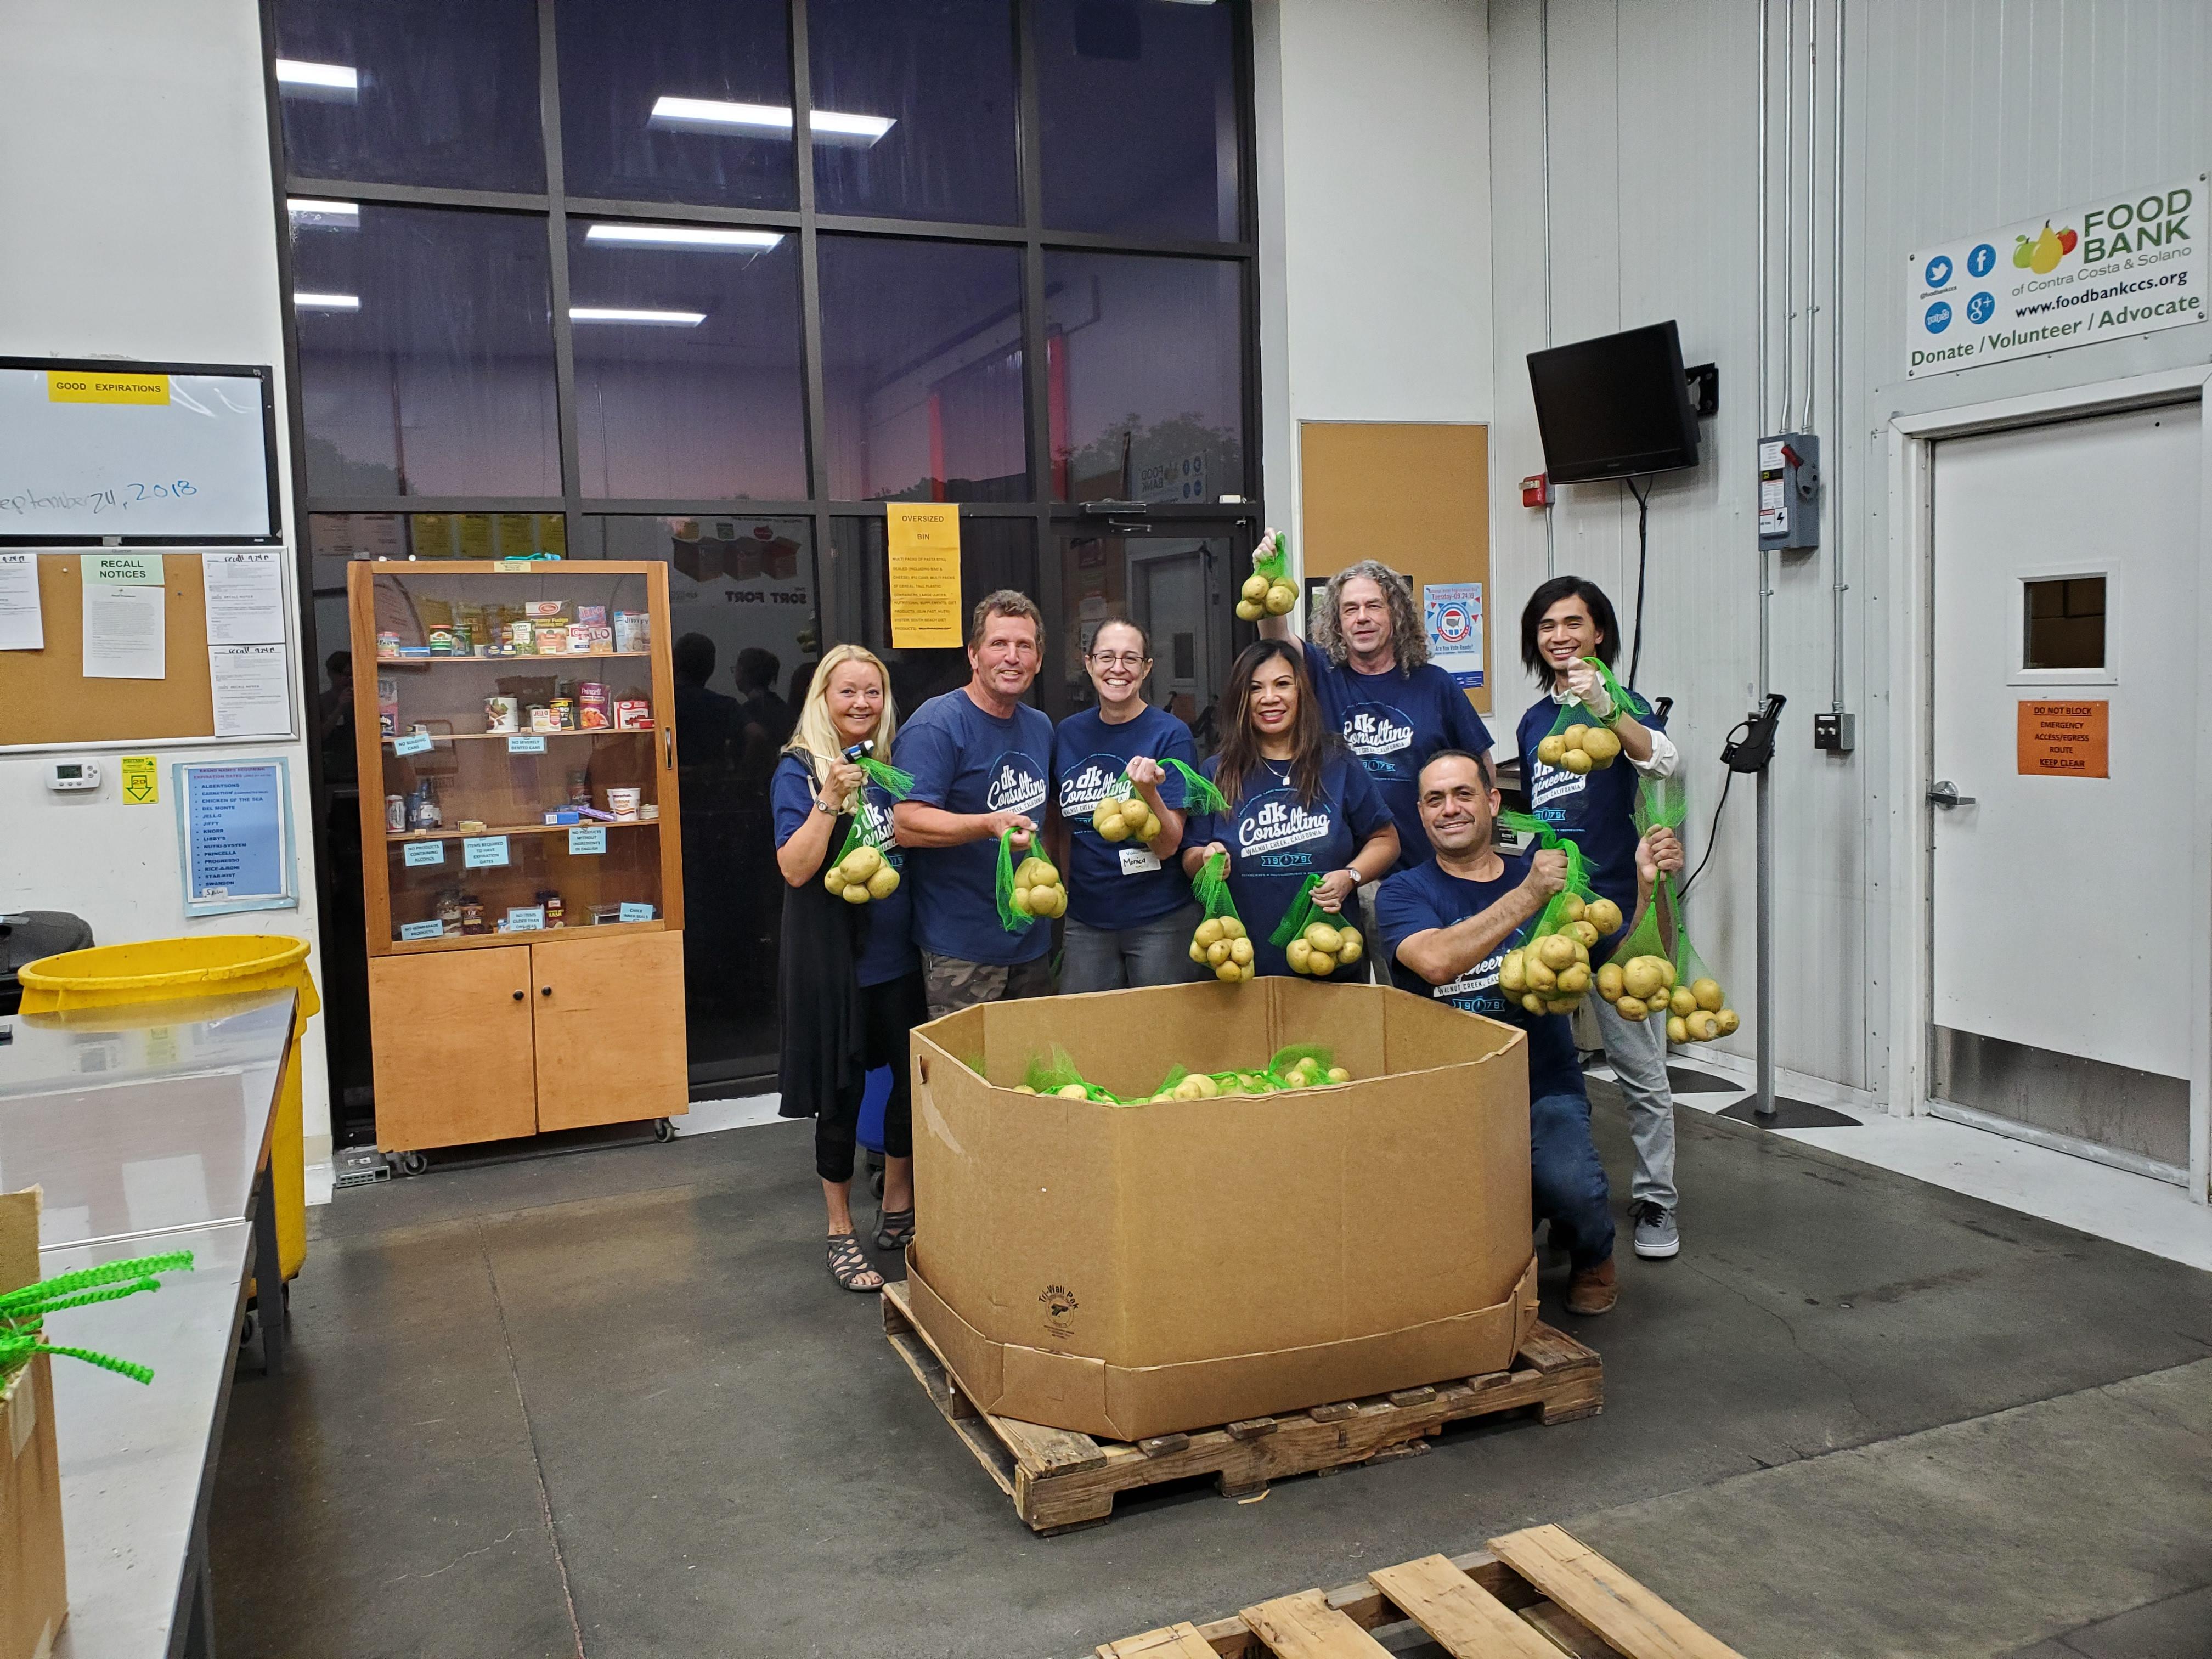 contra costa food bank volunteer opportunities